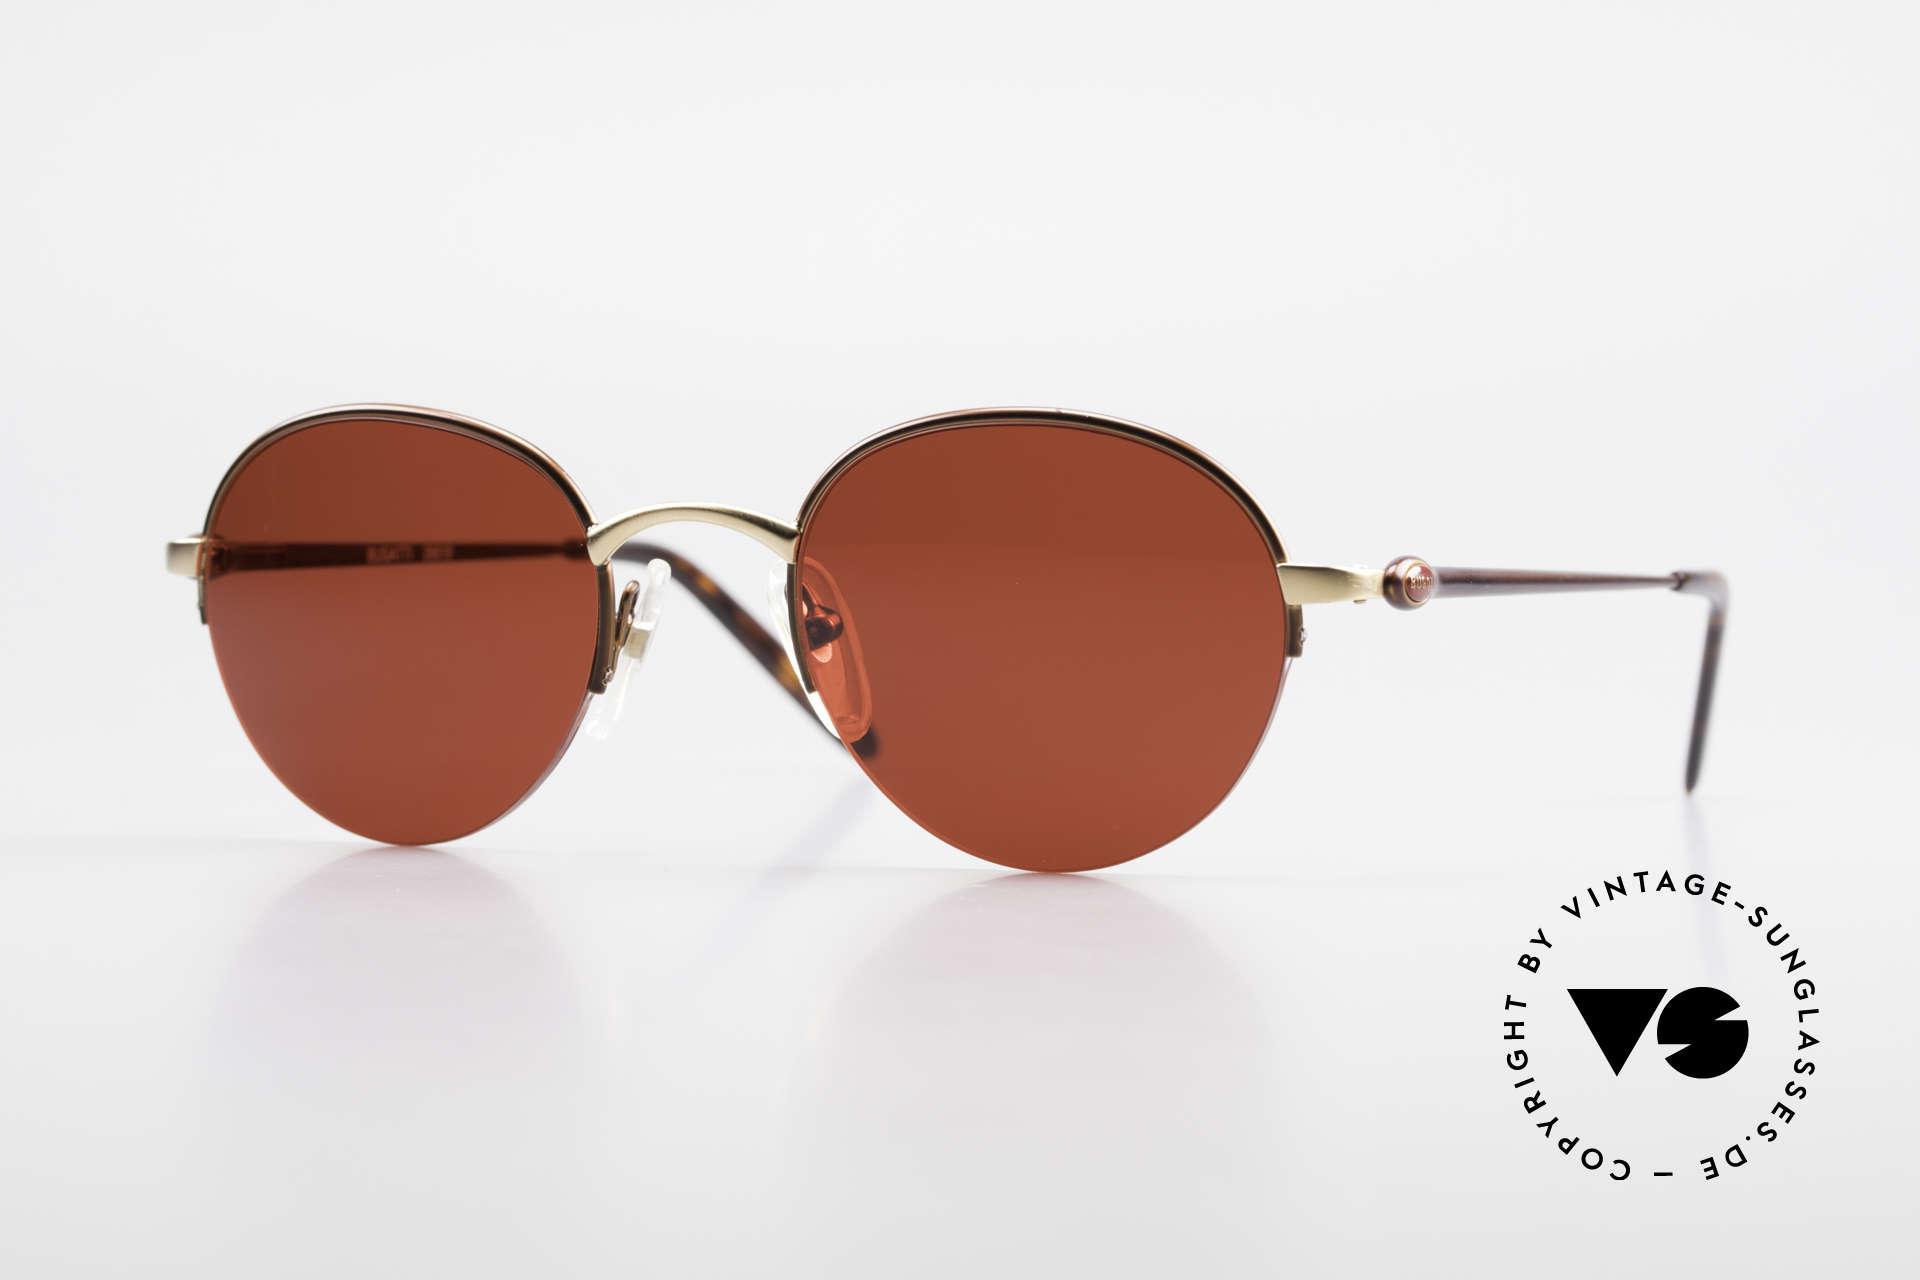 Bugatti 26619 Round Bugatti Panto Glasses, rare Bugatti Panto designer sunglasses; size 49/21, Made for Men